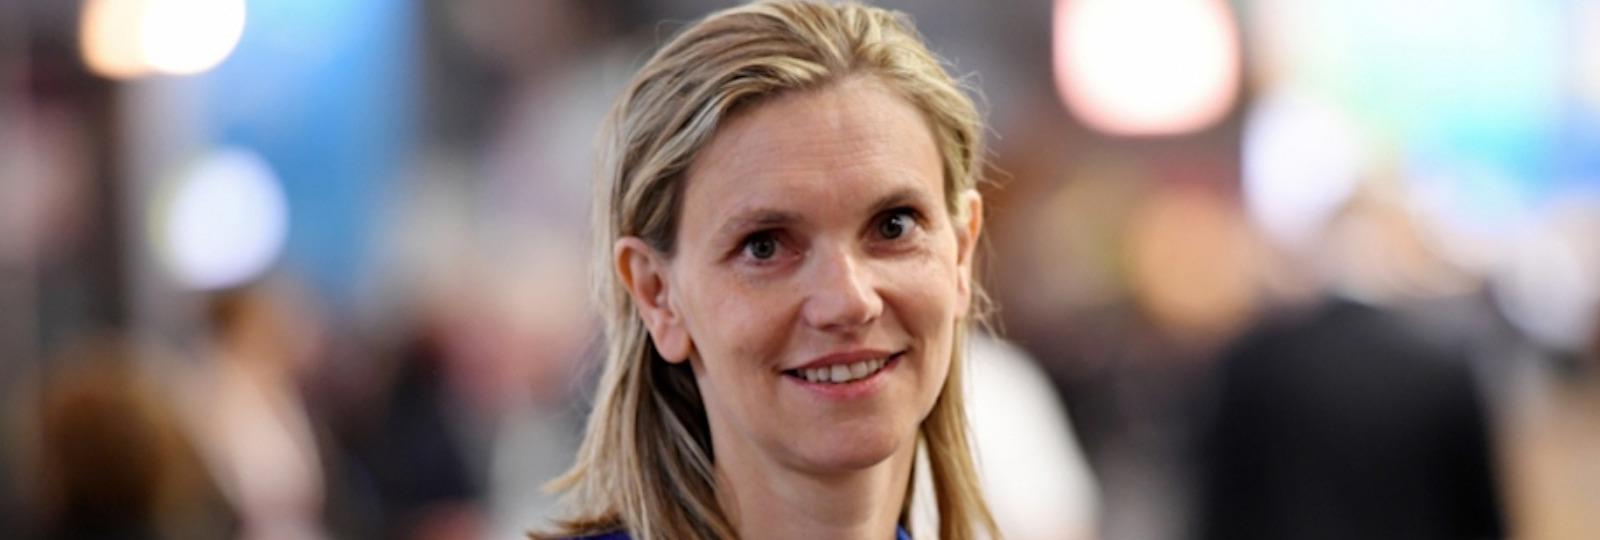 Remaniement : nomination d'Agnès Pannier-Runacher, Secrétaire d'Etat auprès du ministre de l'Economie et des Finances